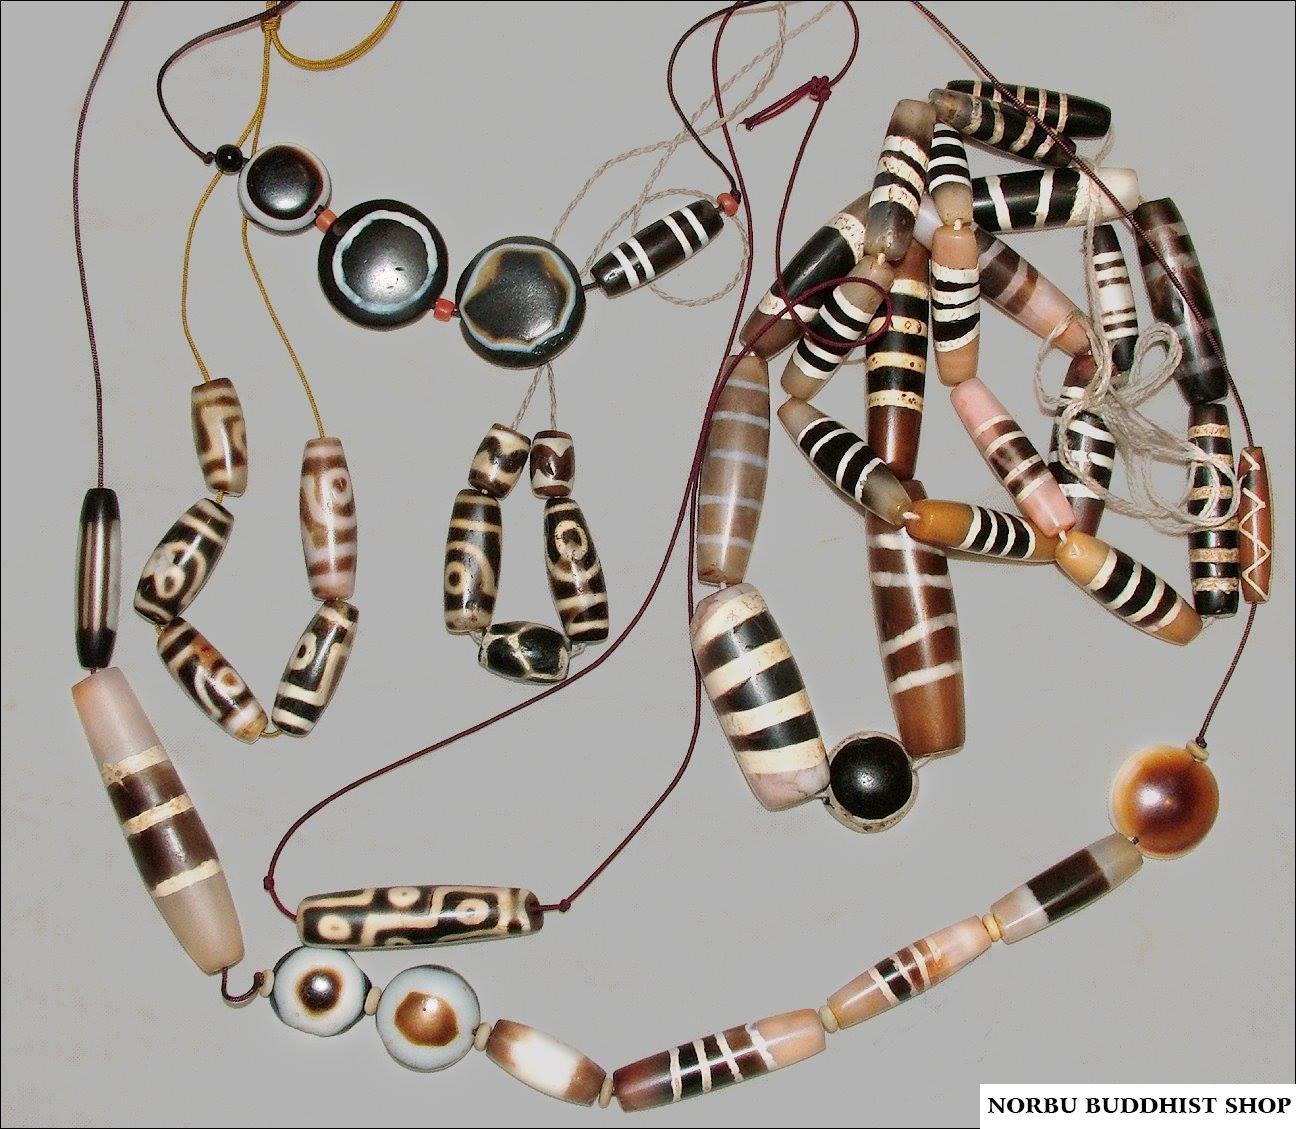 Các yếu tố chọn lựa ngọc Dzi bead bạn cần biết